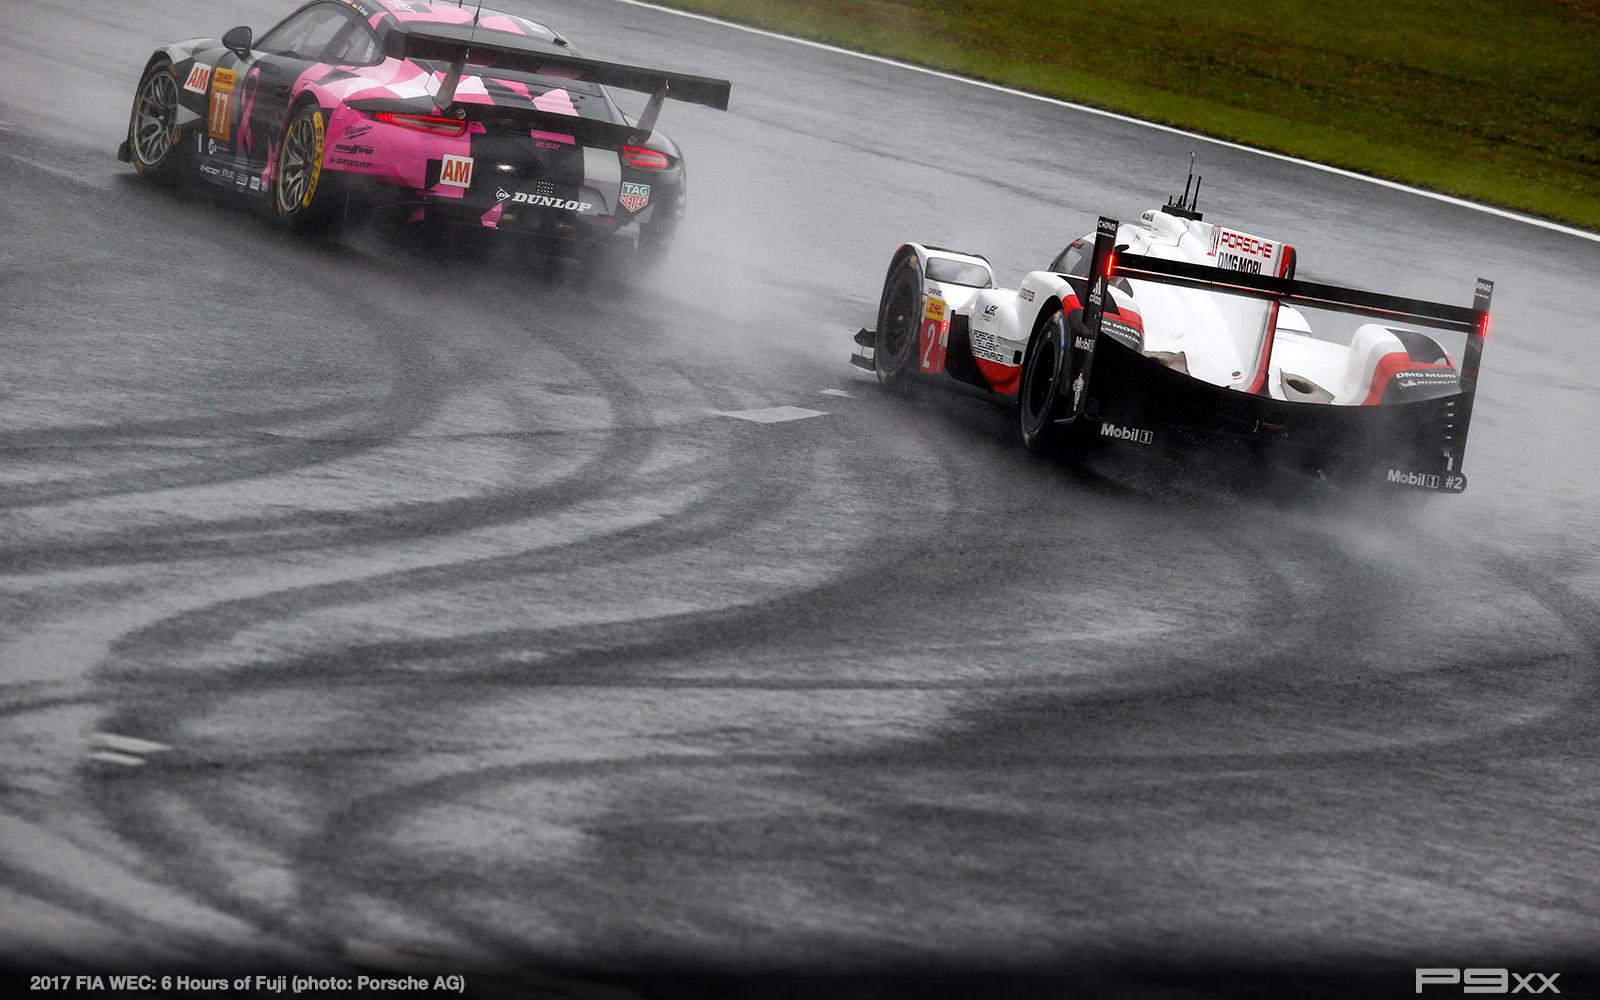 2017-FIA-WEC-6h-of-Fuji-Porsche-474